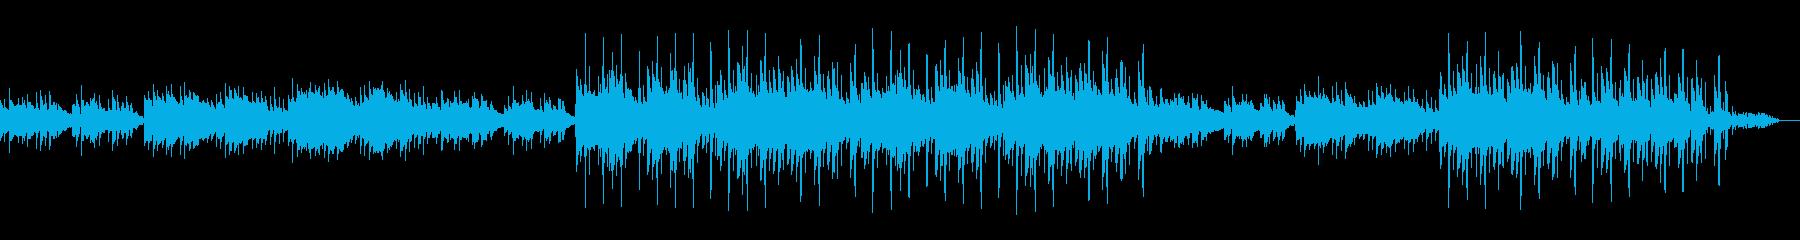 アコースティックギターのHIPHOPの再生済みの波形